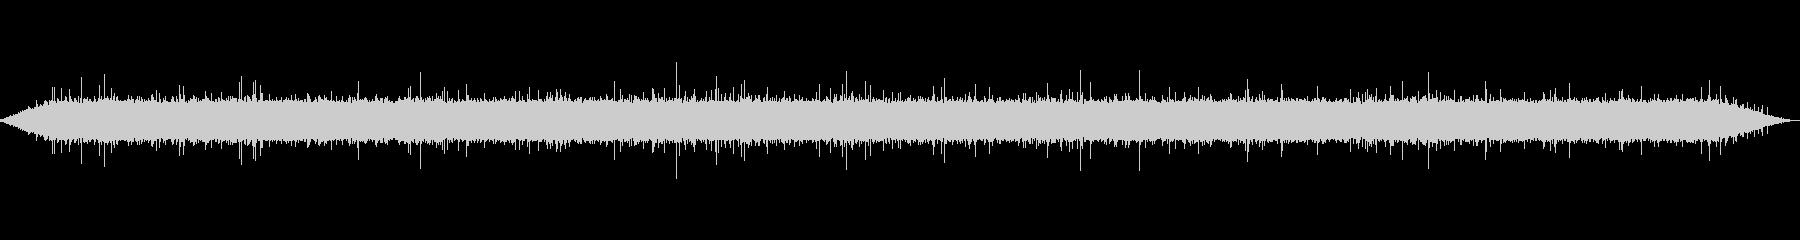 【自然音】白糸の滝05(小菅村)の未再生の波形